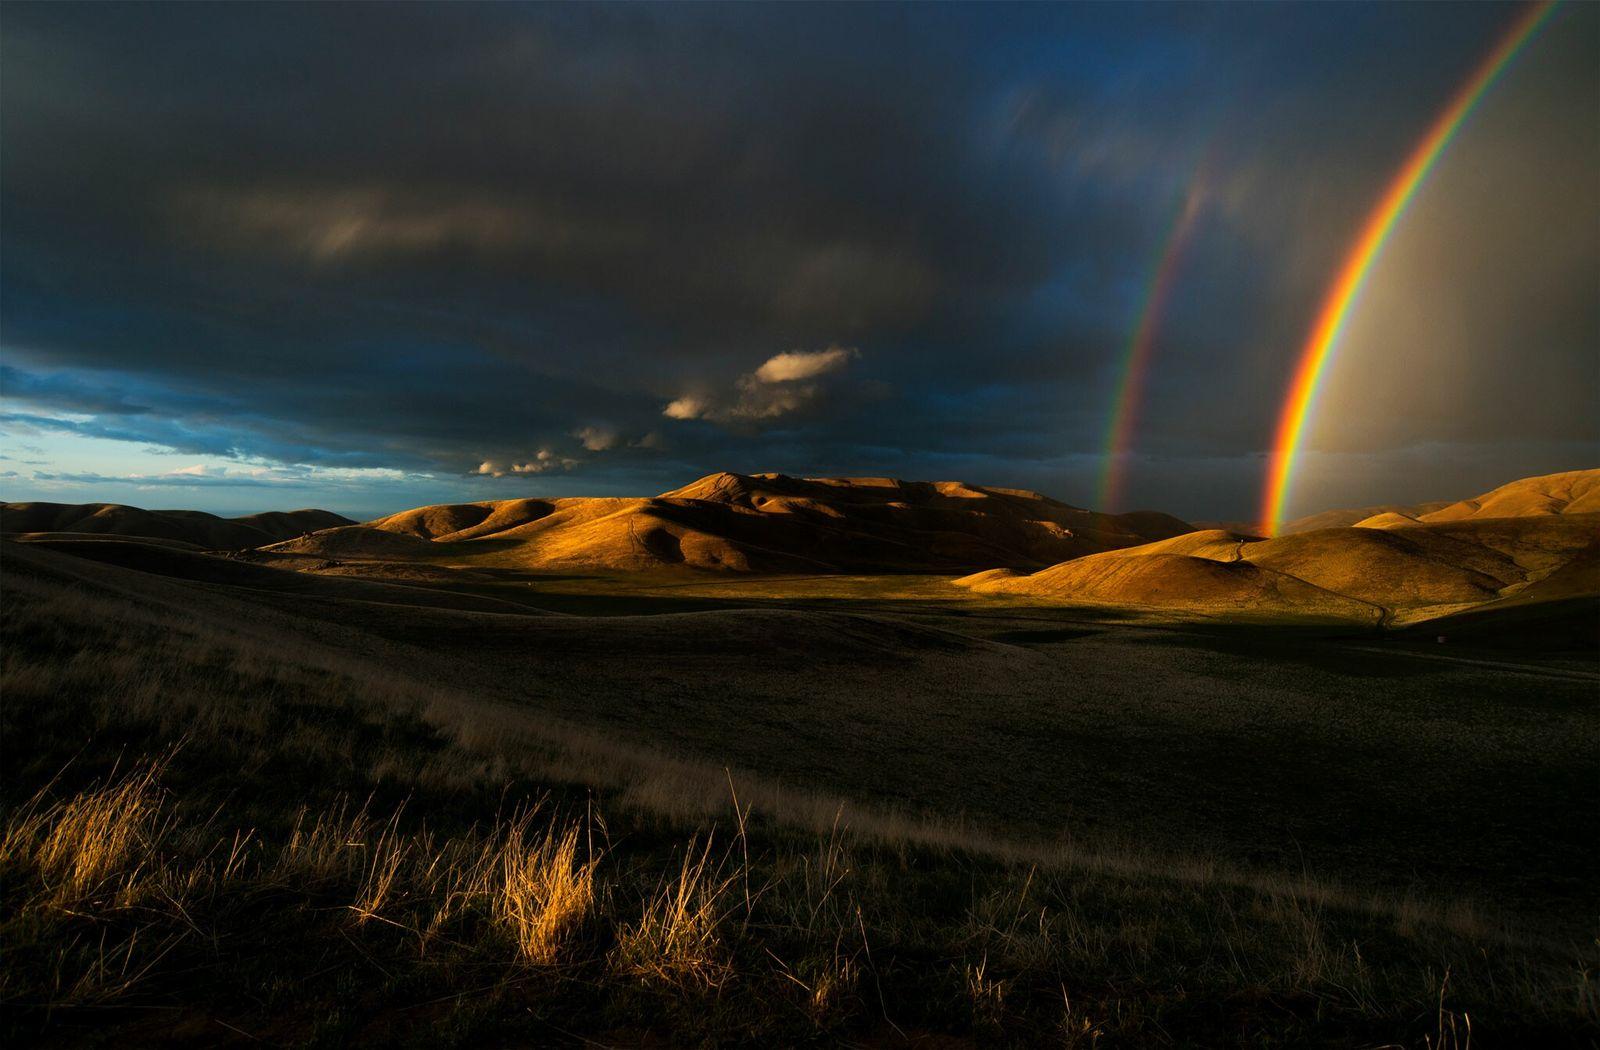 Fotografía de la sierra de San Emigdio, California